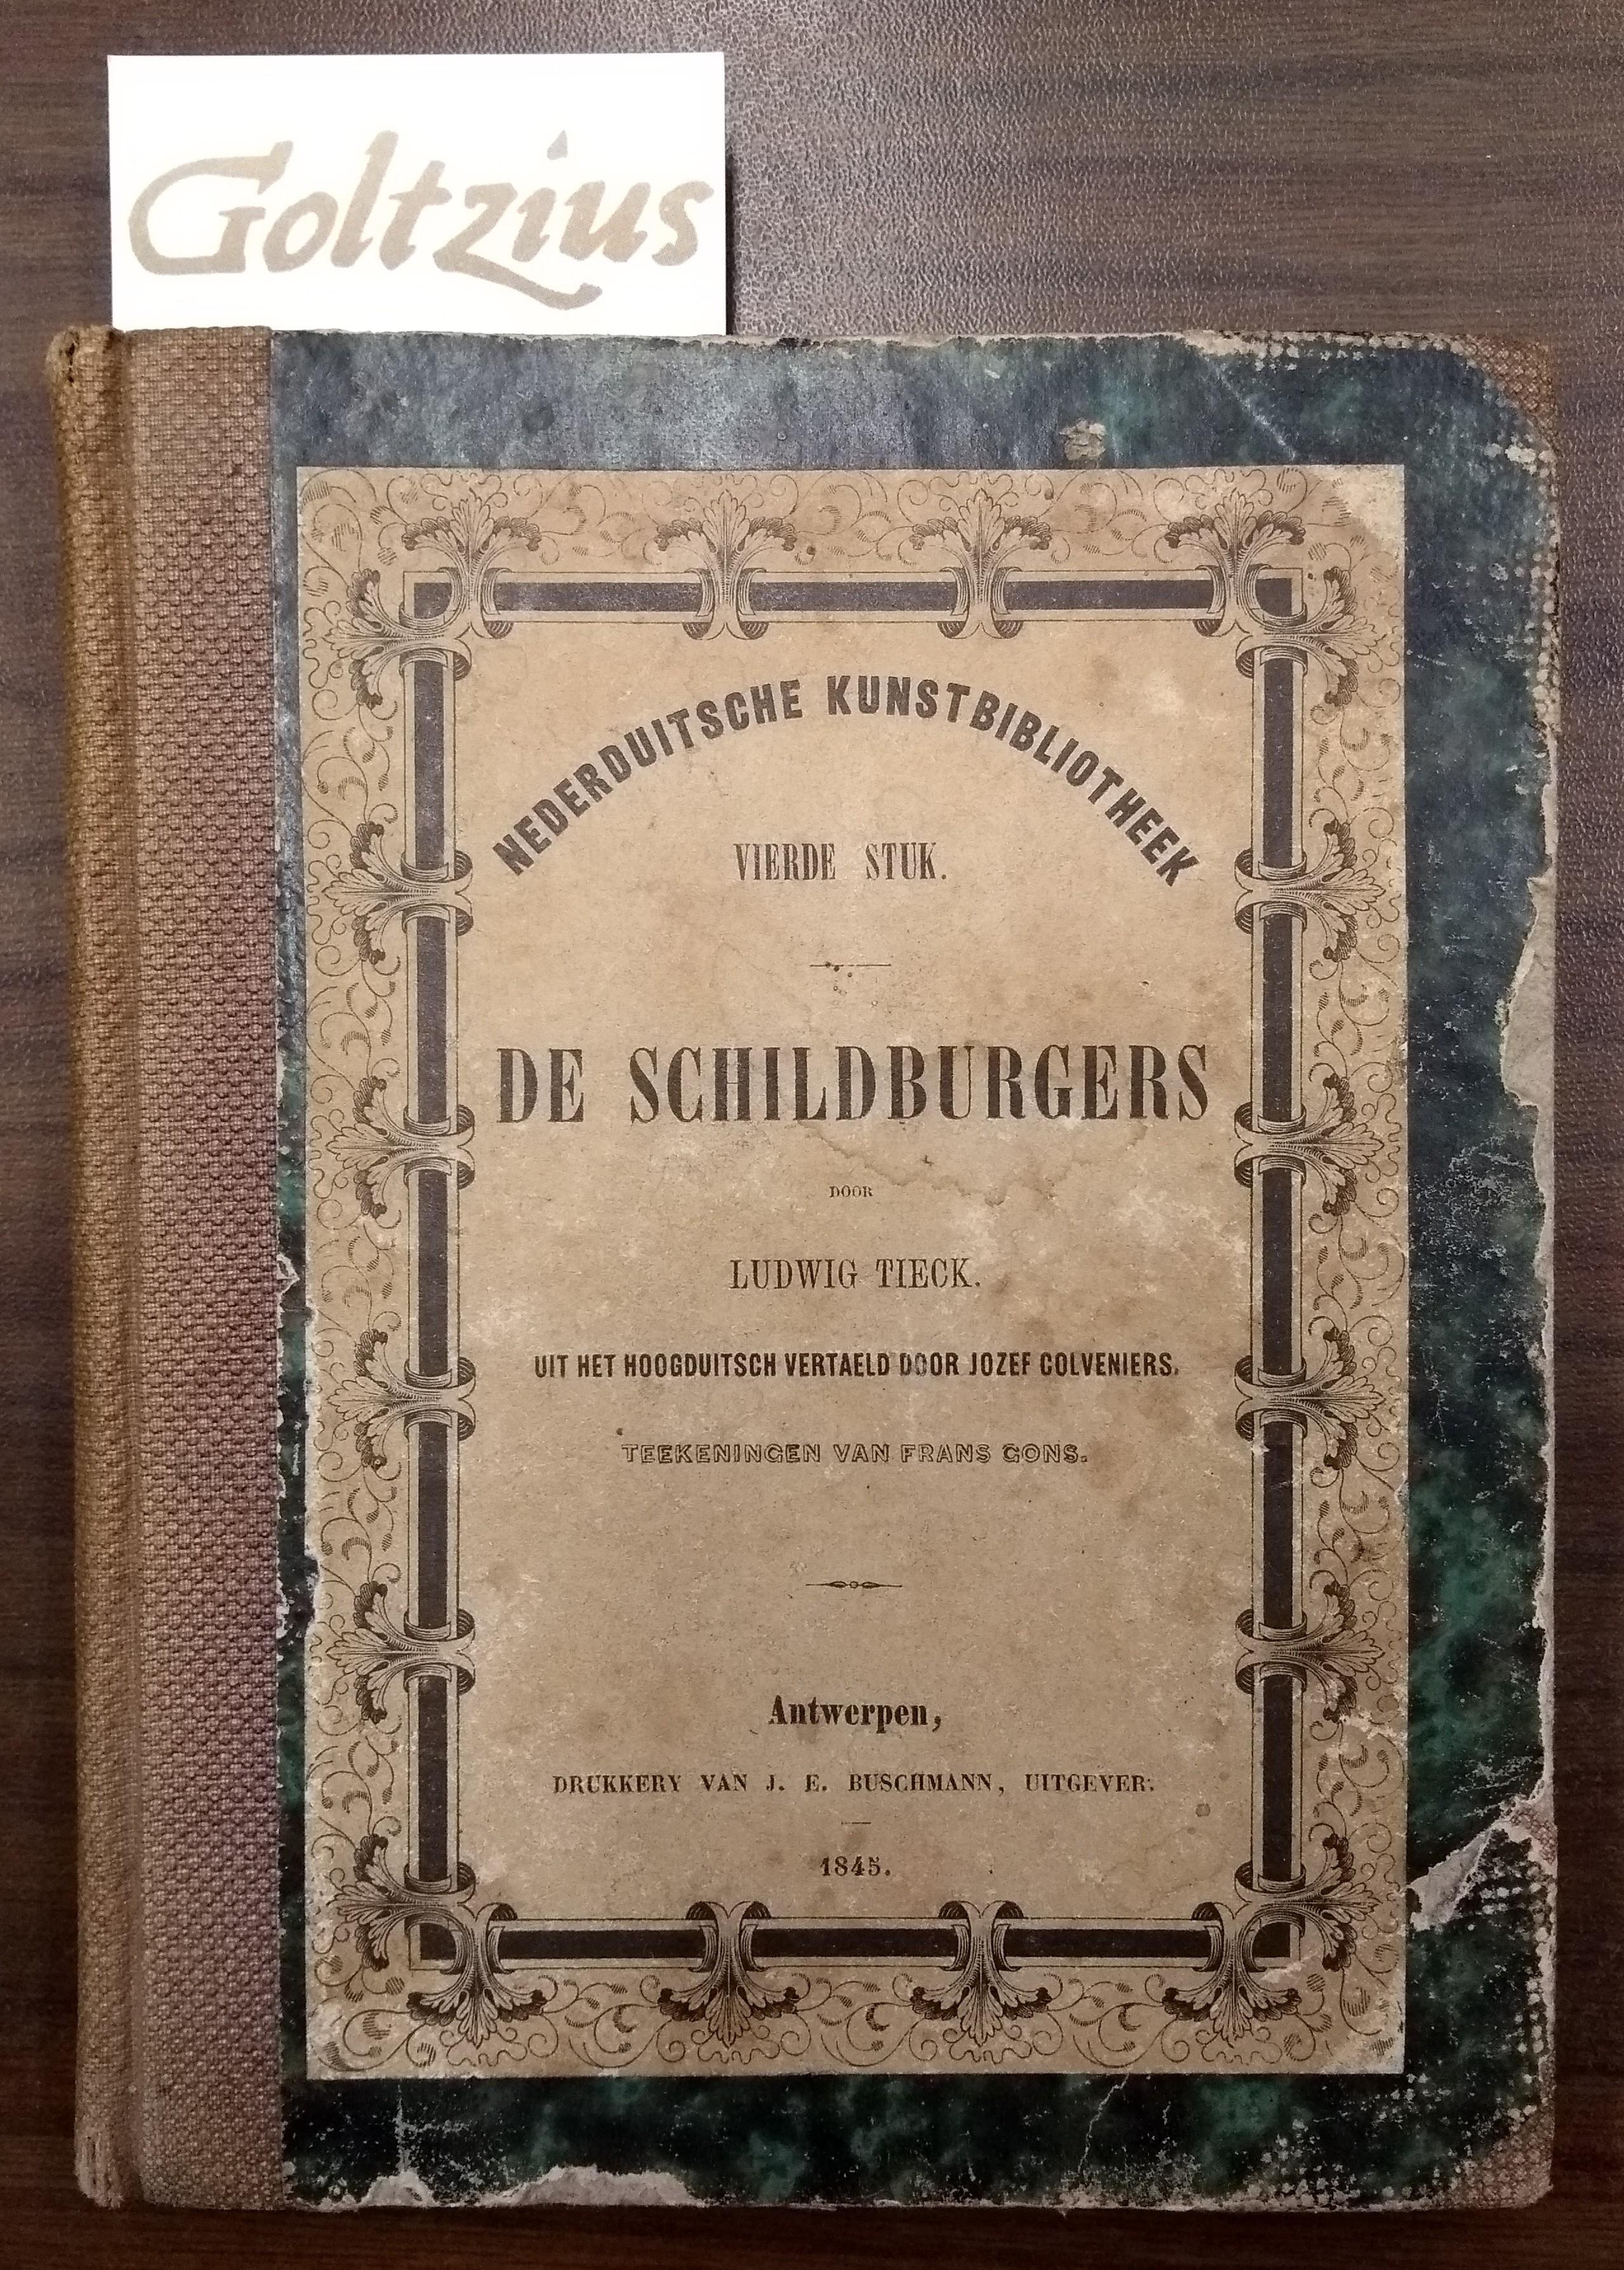 TIECK, LUDWIG, Gedenkweerdige chronyk van de geschiedeis der Schildburgers